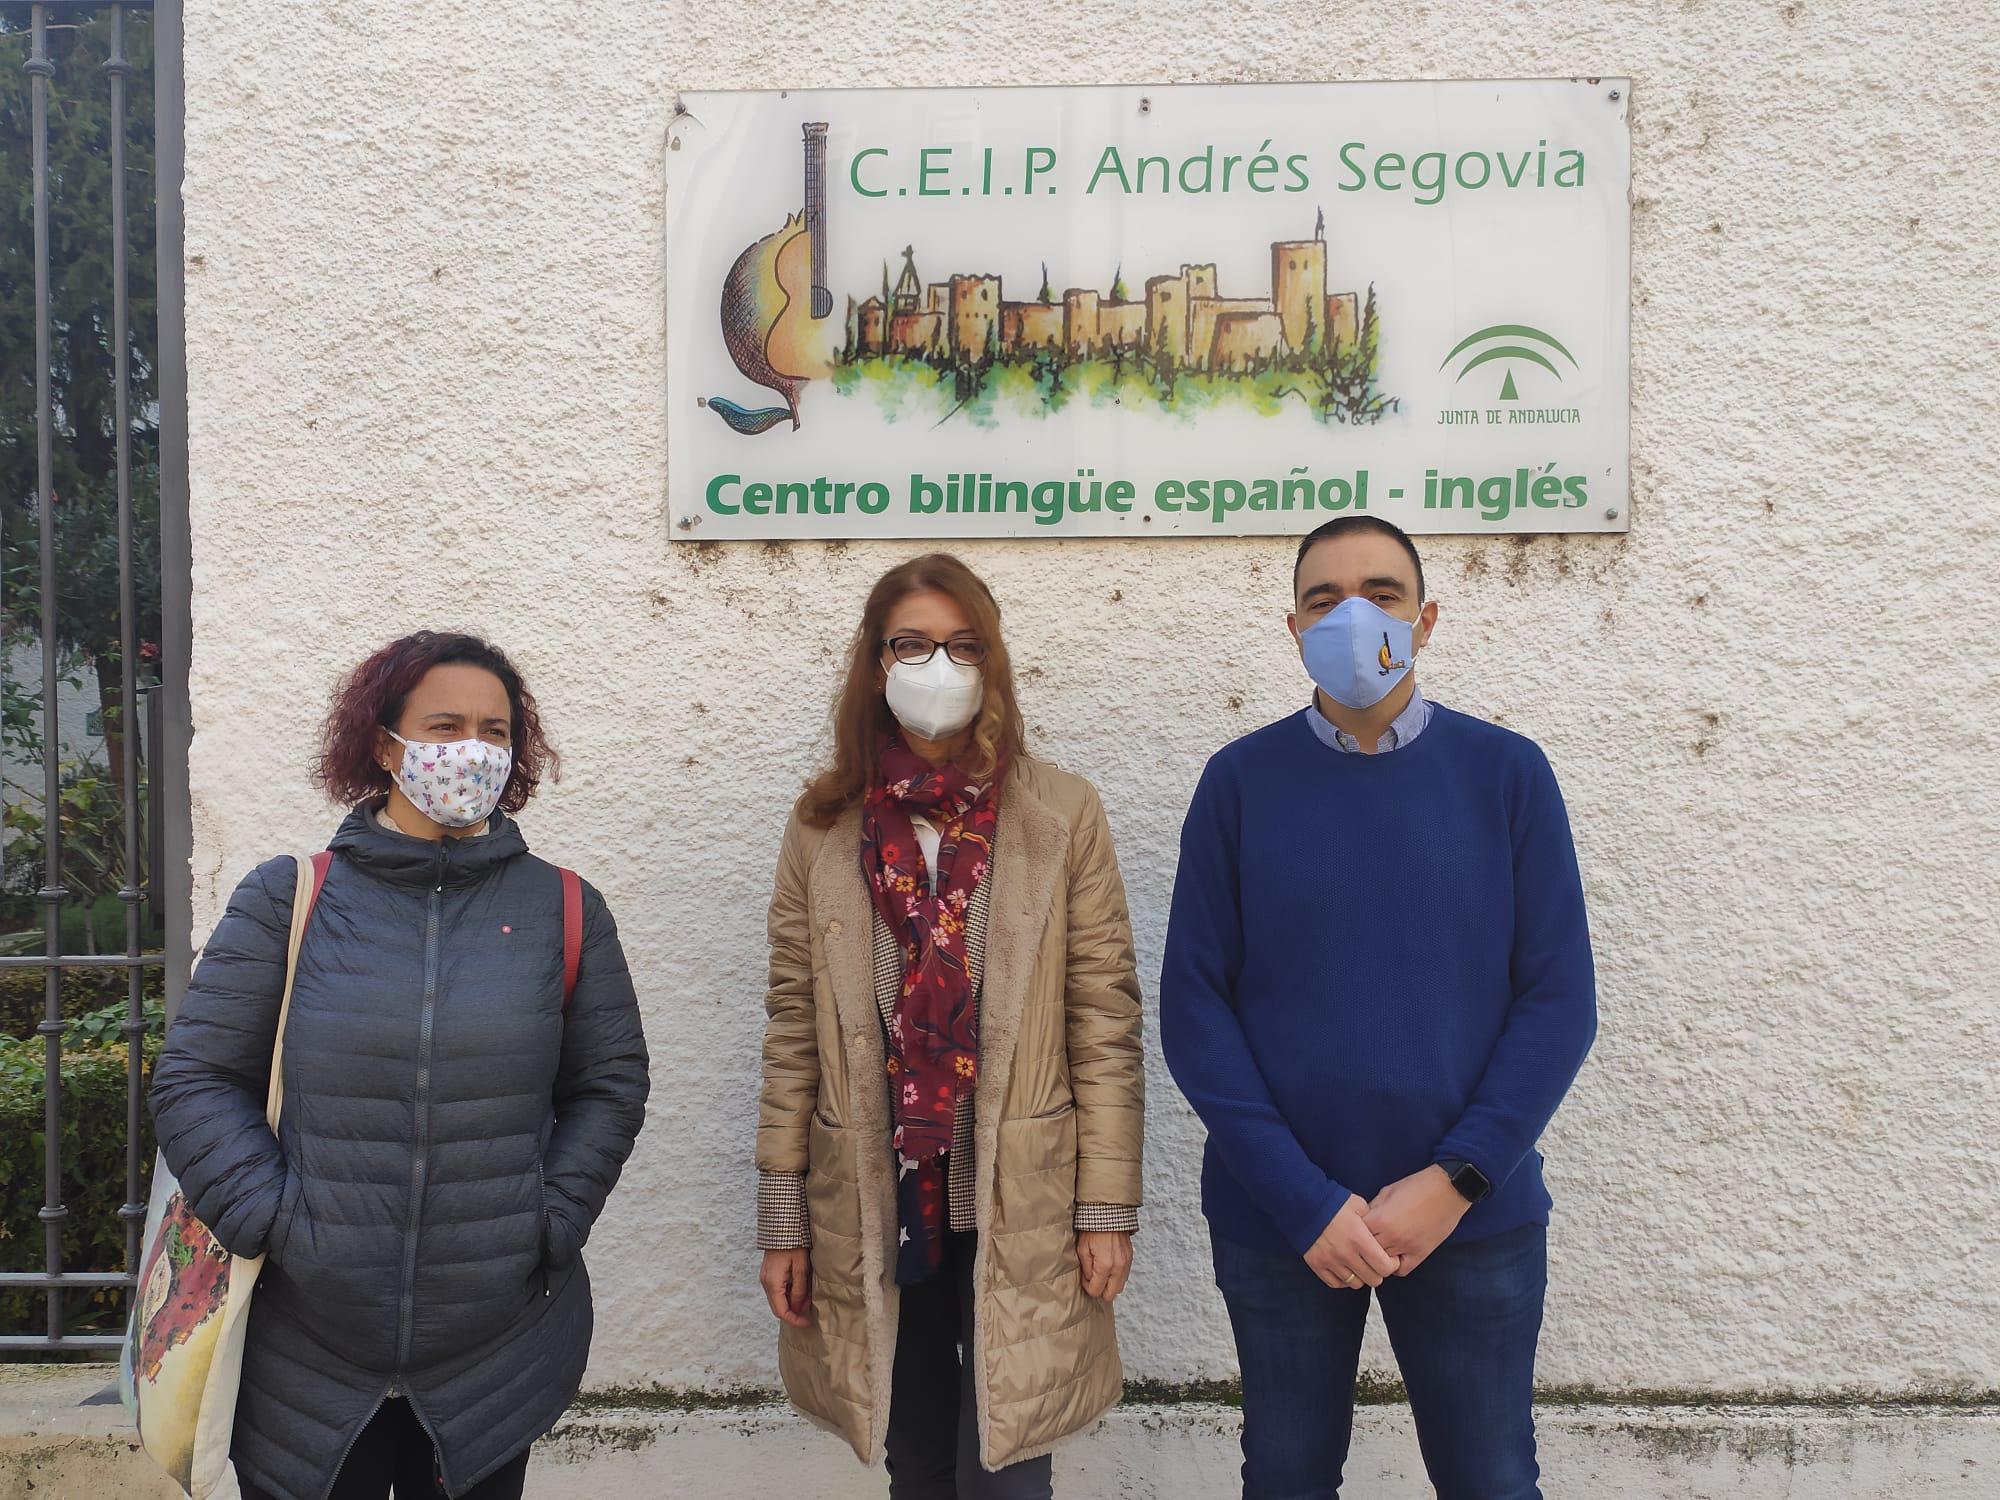 El CEIP Andrés Segovia cuenta con nueva caldera de calefacción tras varios meses de espera